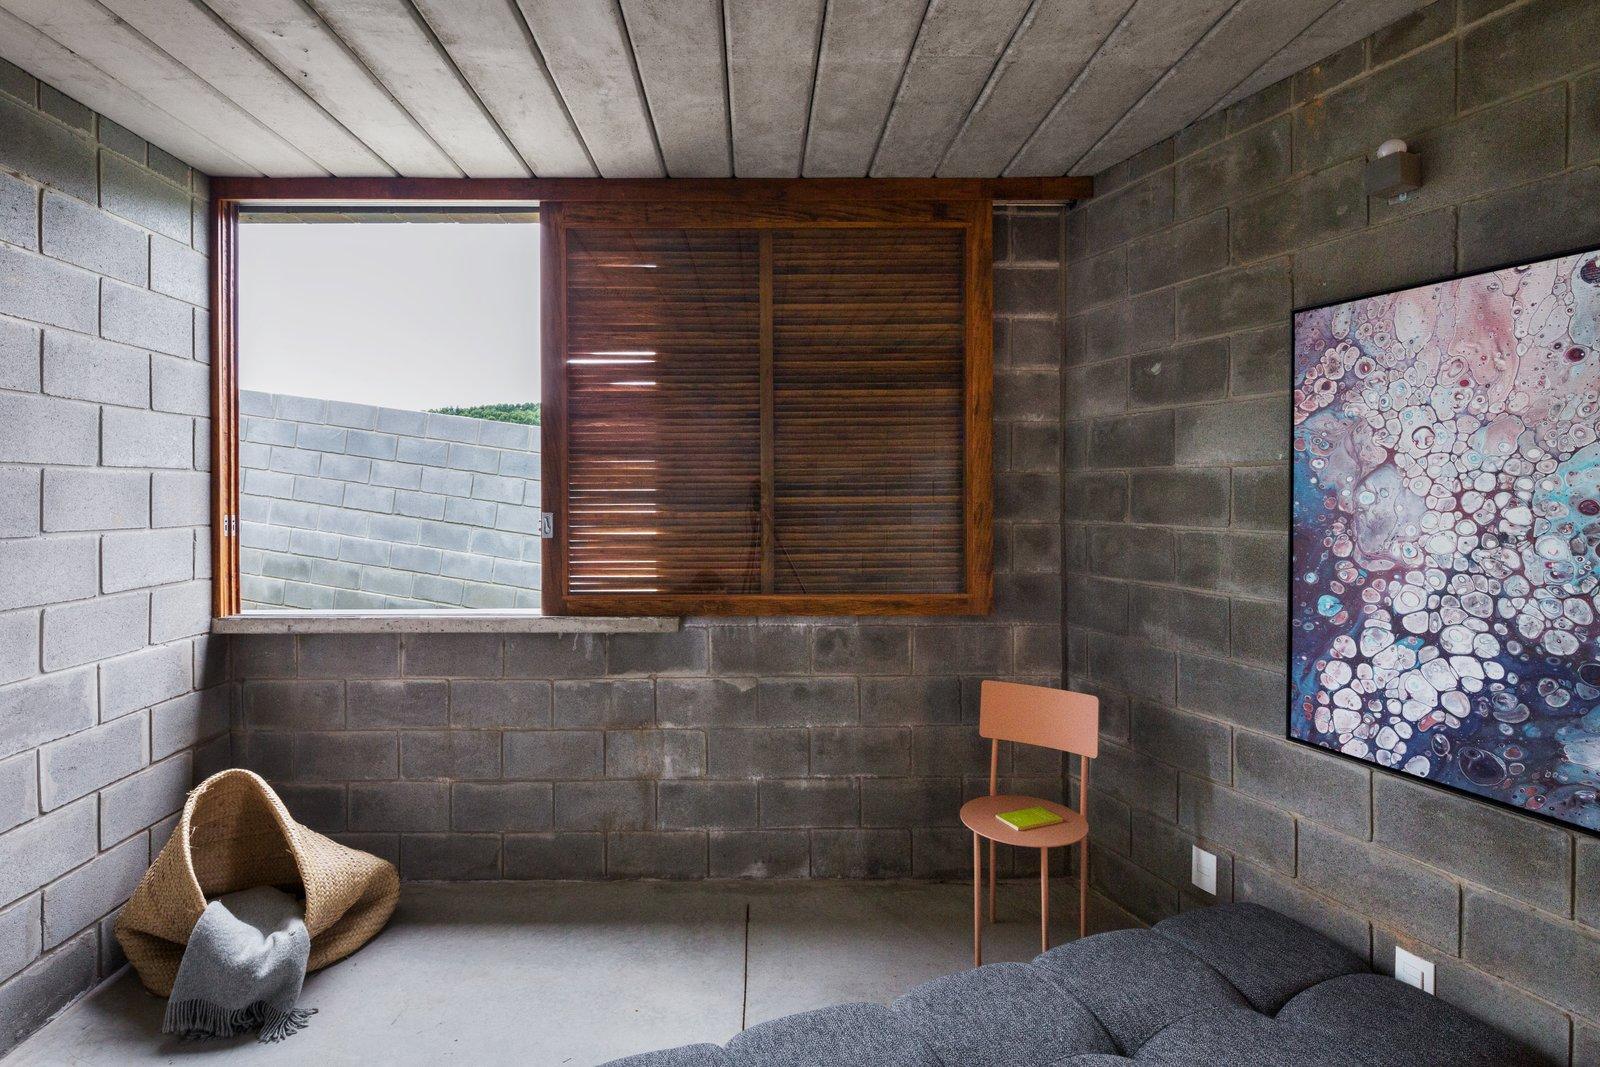 House in Salto de Pirapora by Vereda Arquitetos  Bedroom